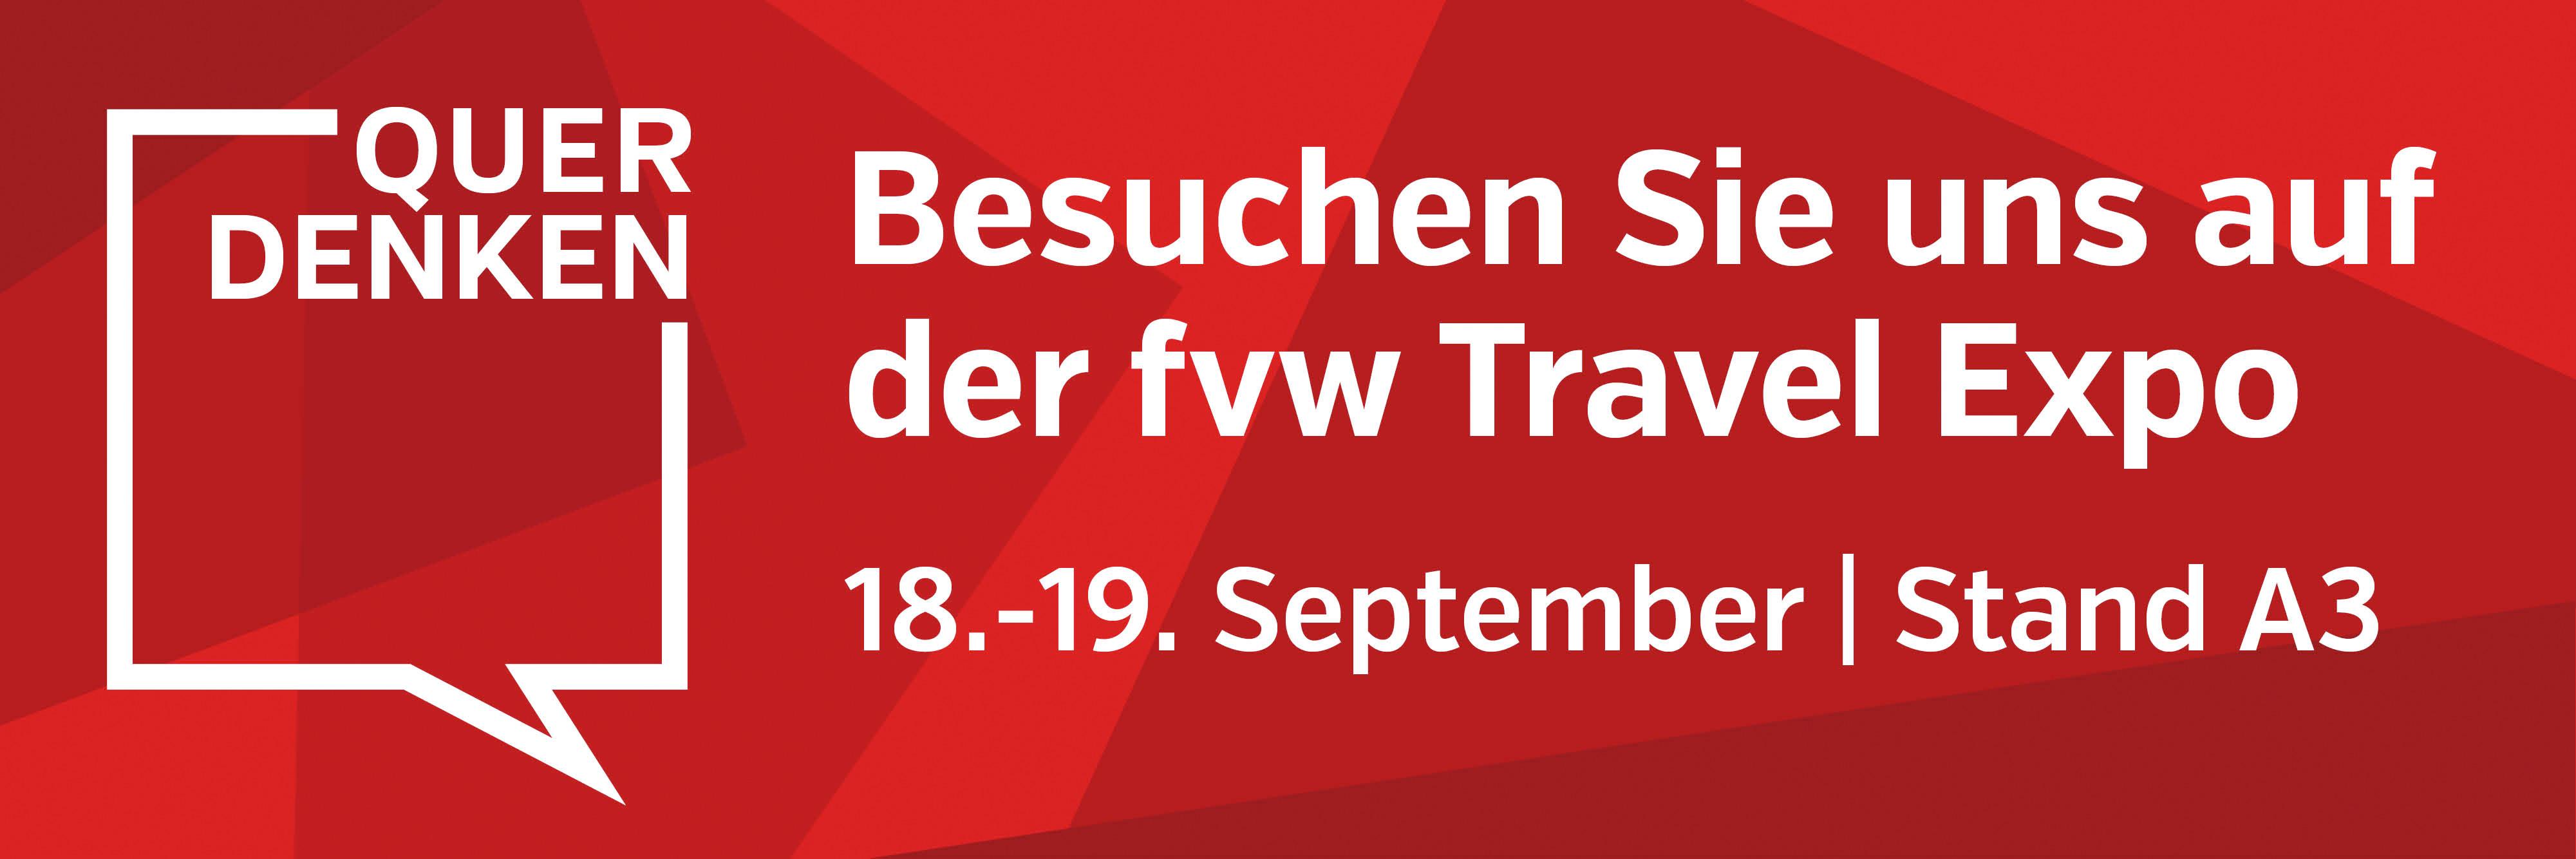 Travel Expo Mairdumont Aussteller